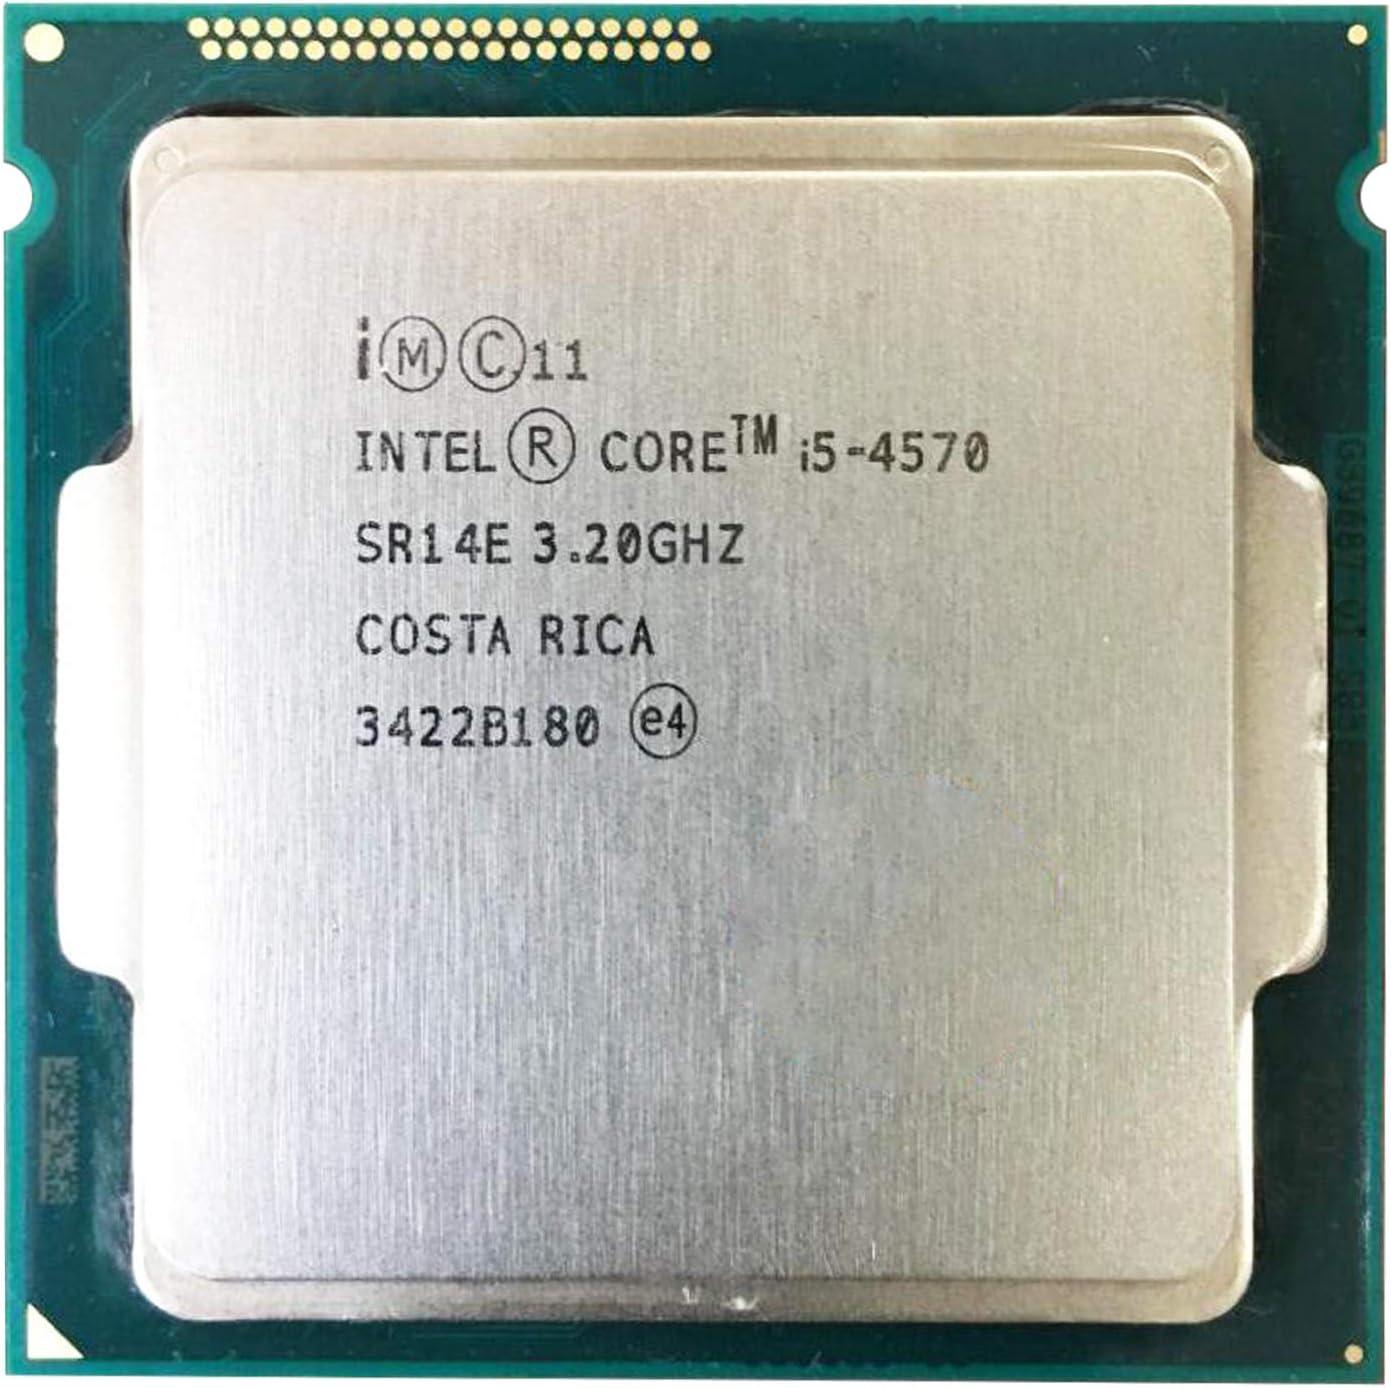 Intel Super beauty Max 71% OFF product restock quality top Core i5-4570 Processor 3.2GHz 6MB 1150 Ren CPU44; OEM LGA